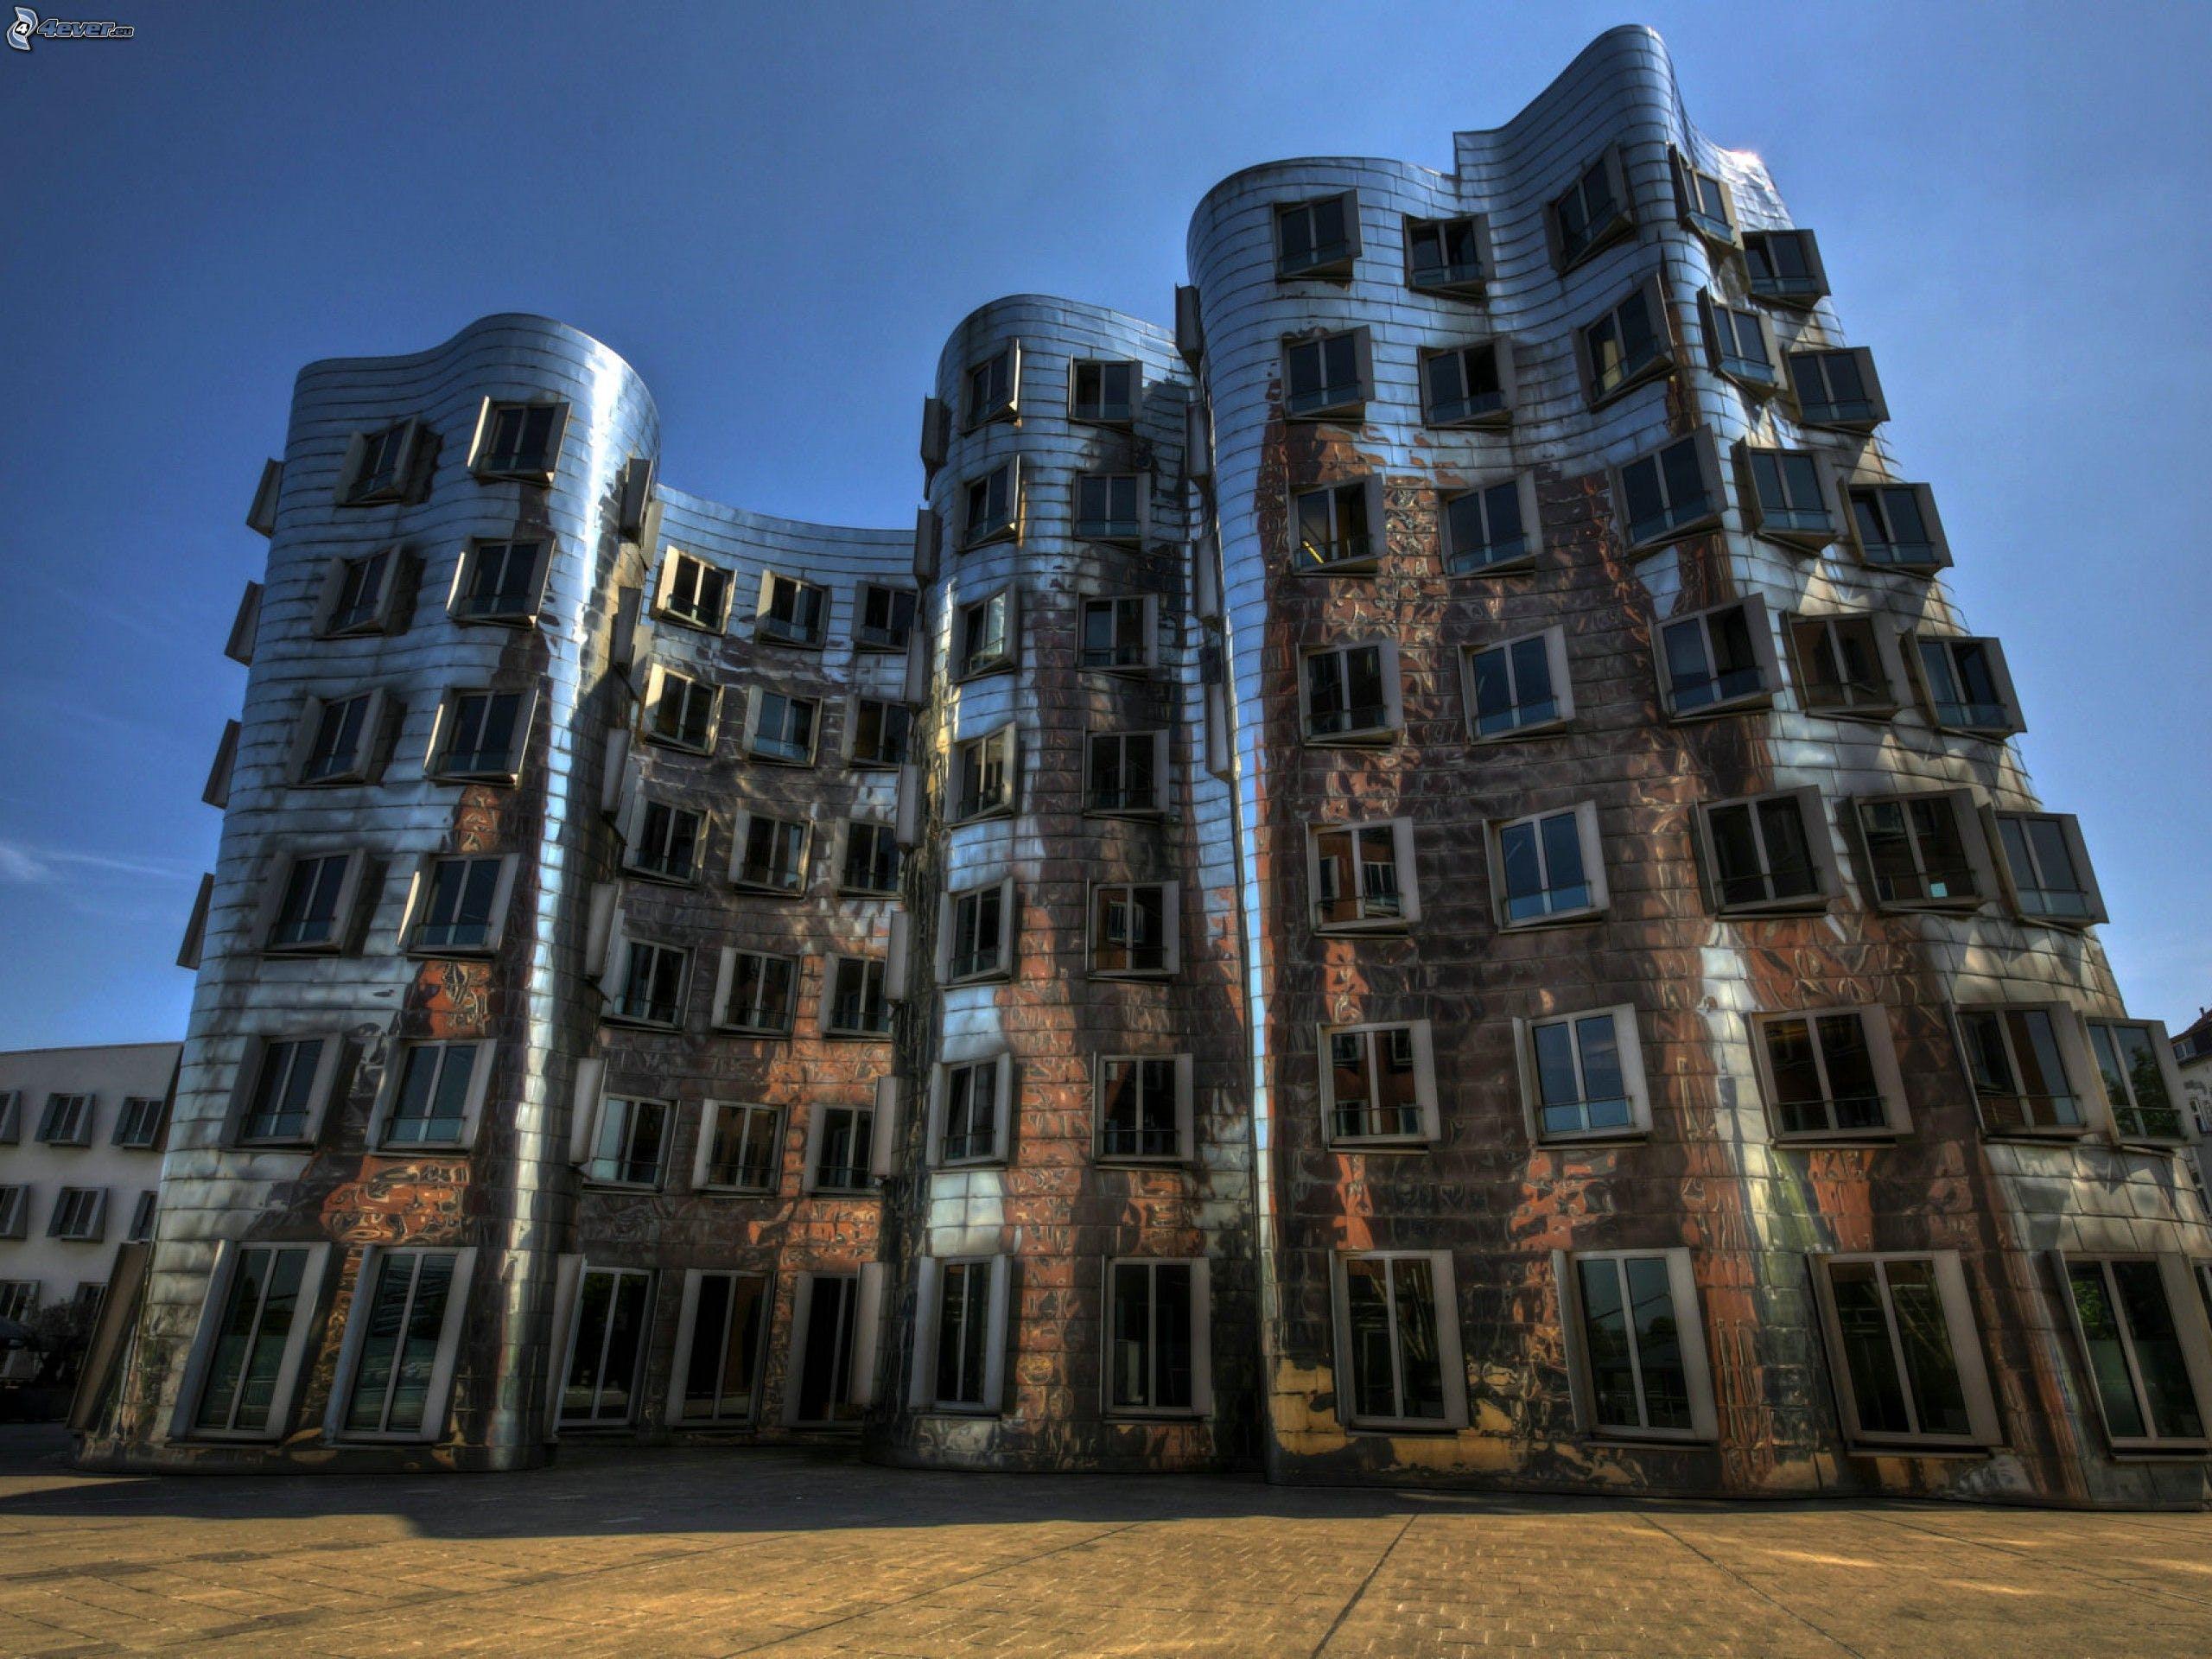 Kostenloses Stock Foto zu architektur, architekturdesign